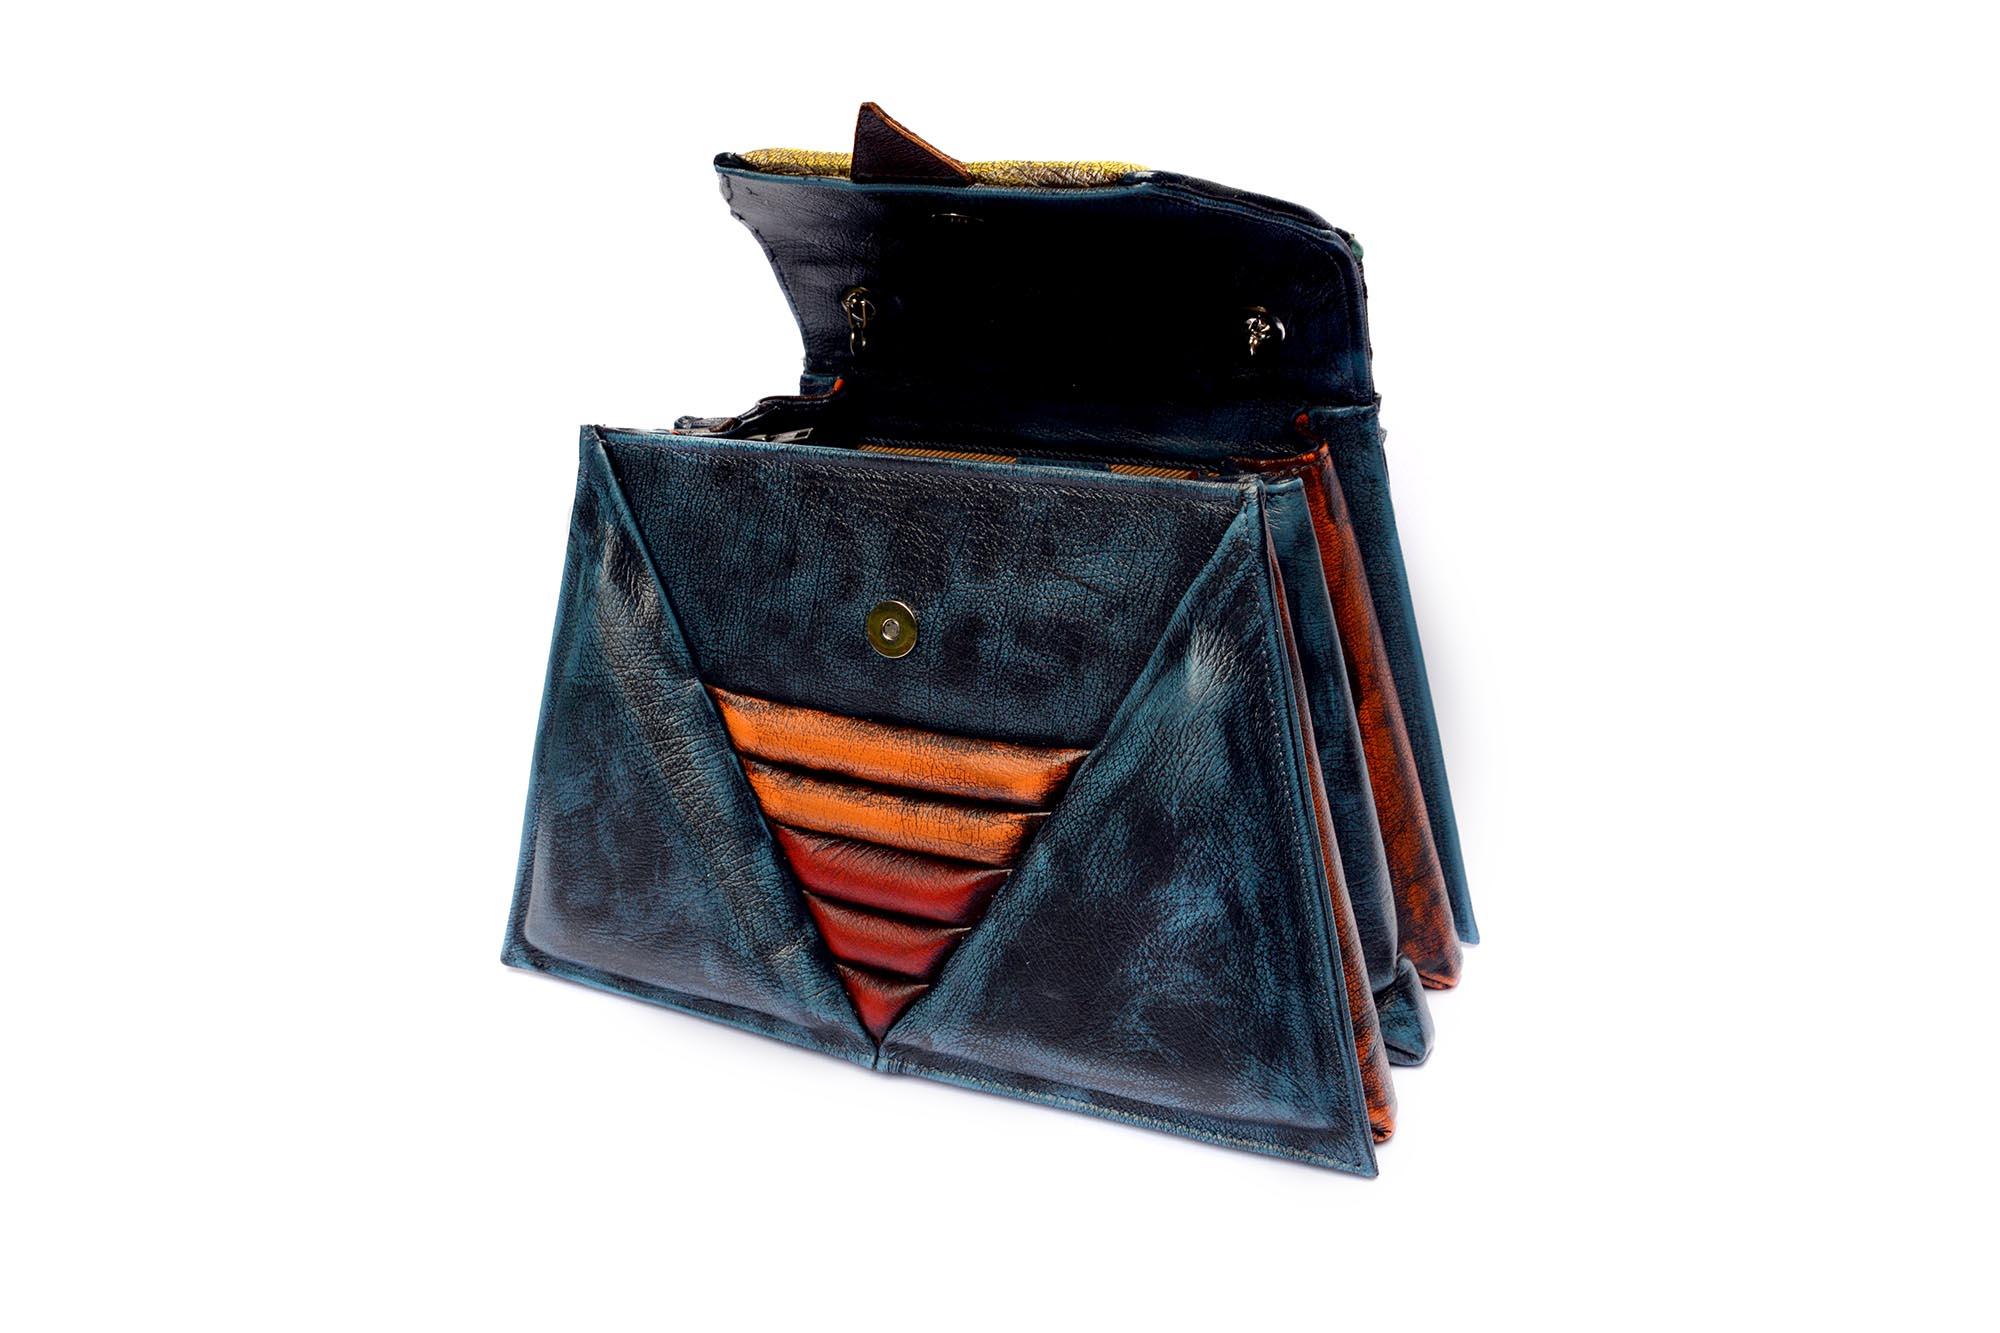 harleq-luxury-bag-triangles-vintage-leathers